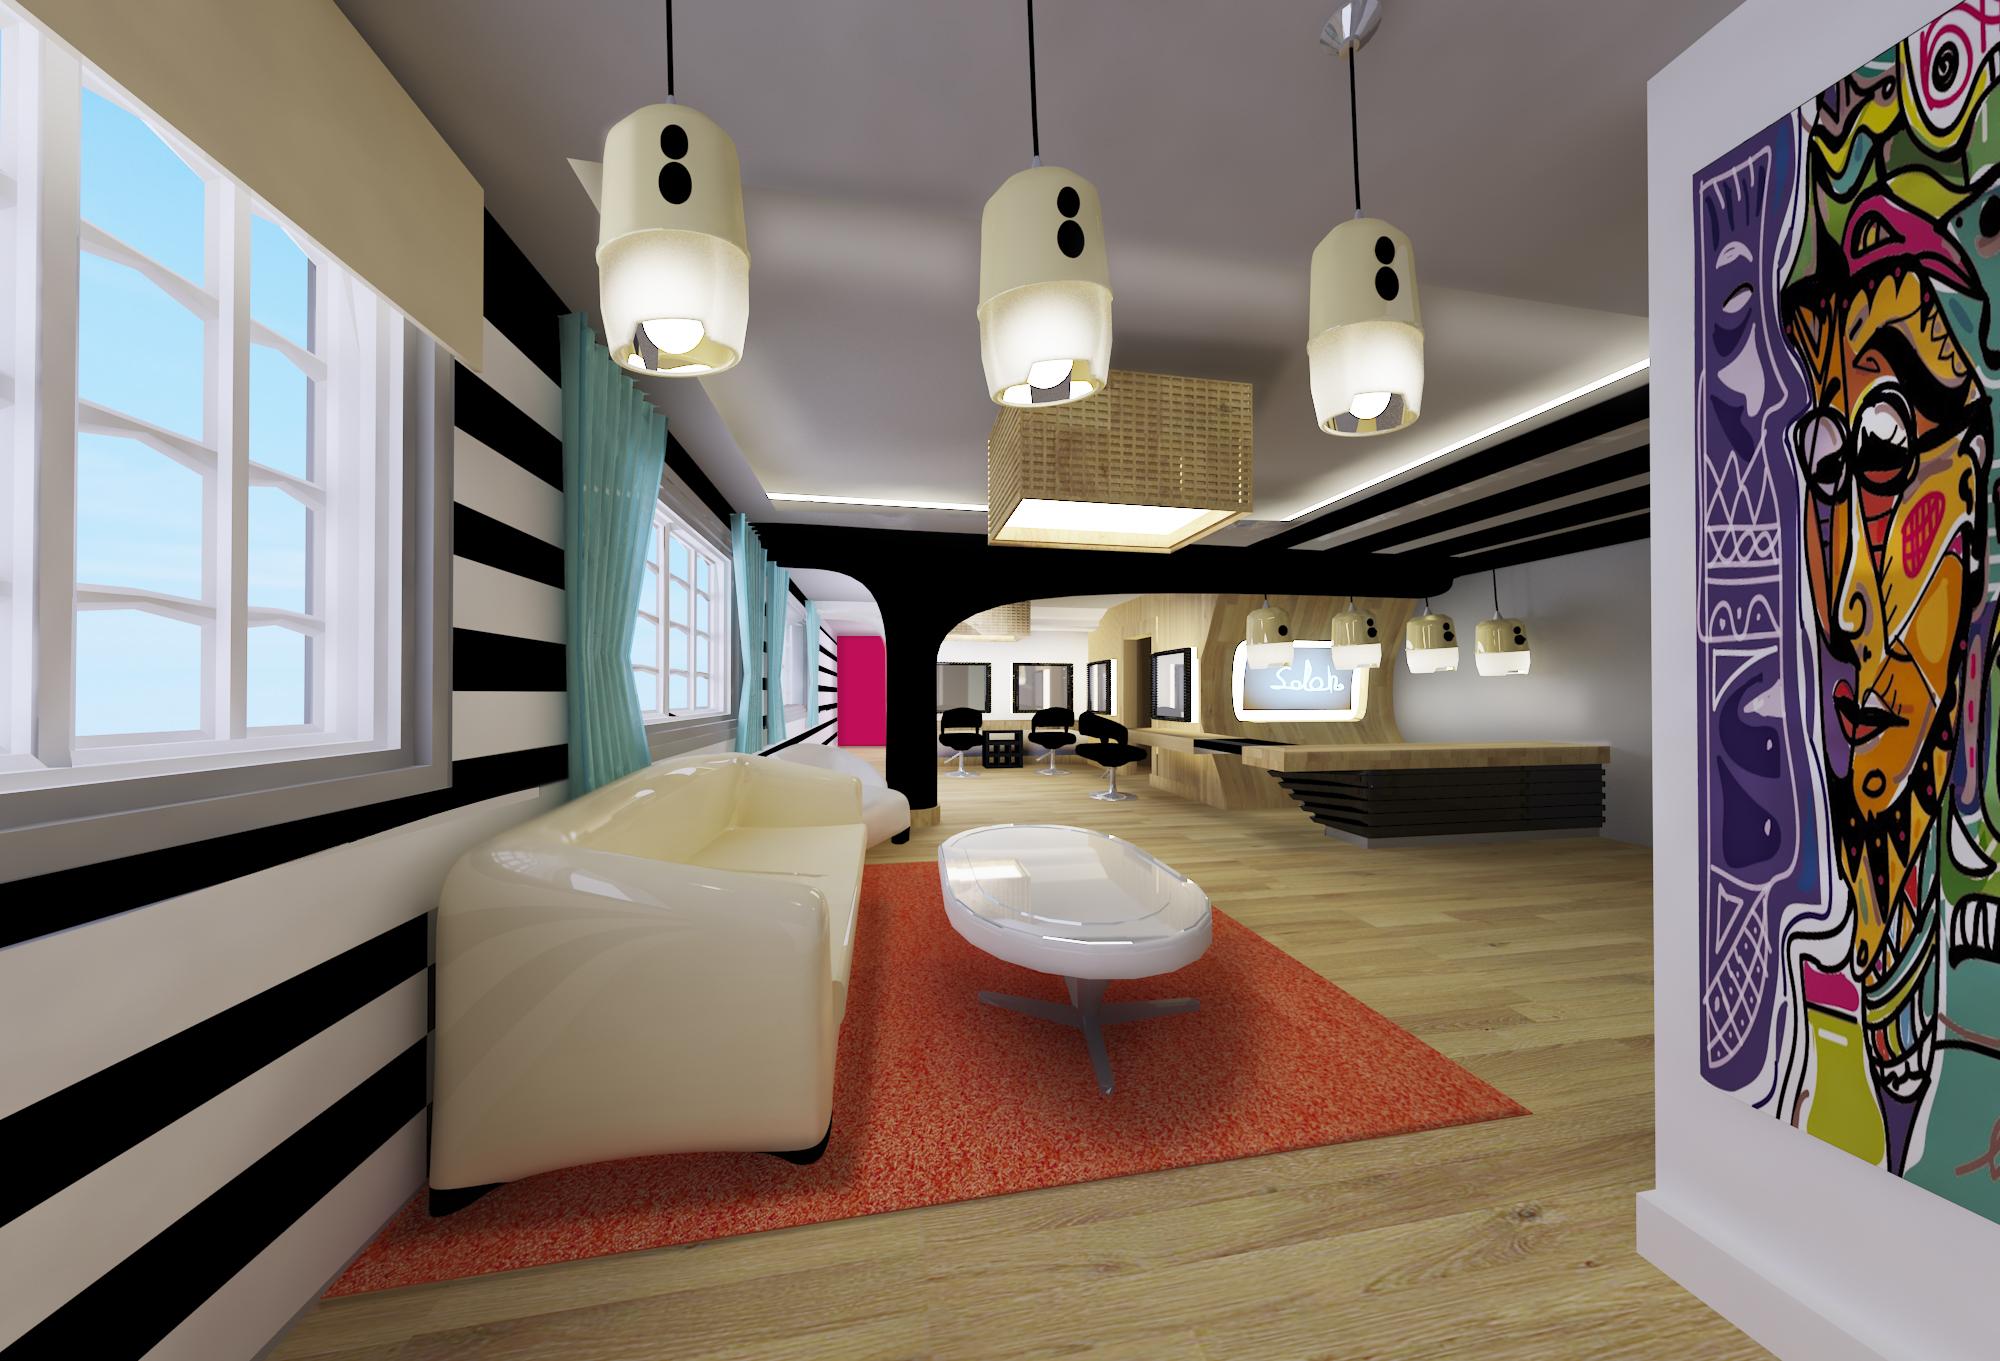 Diseño interior de salón de belleza | Domestika